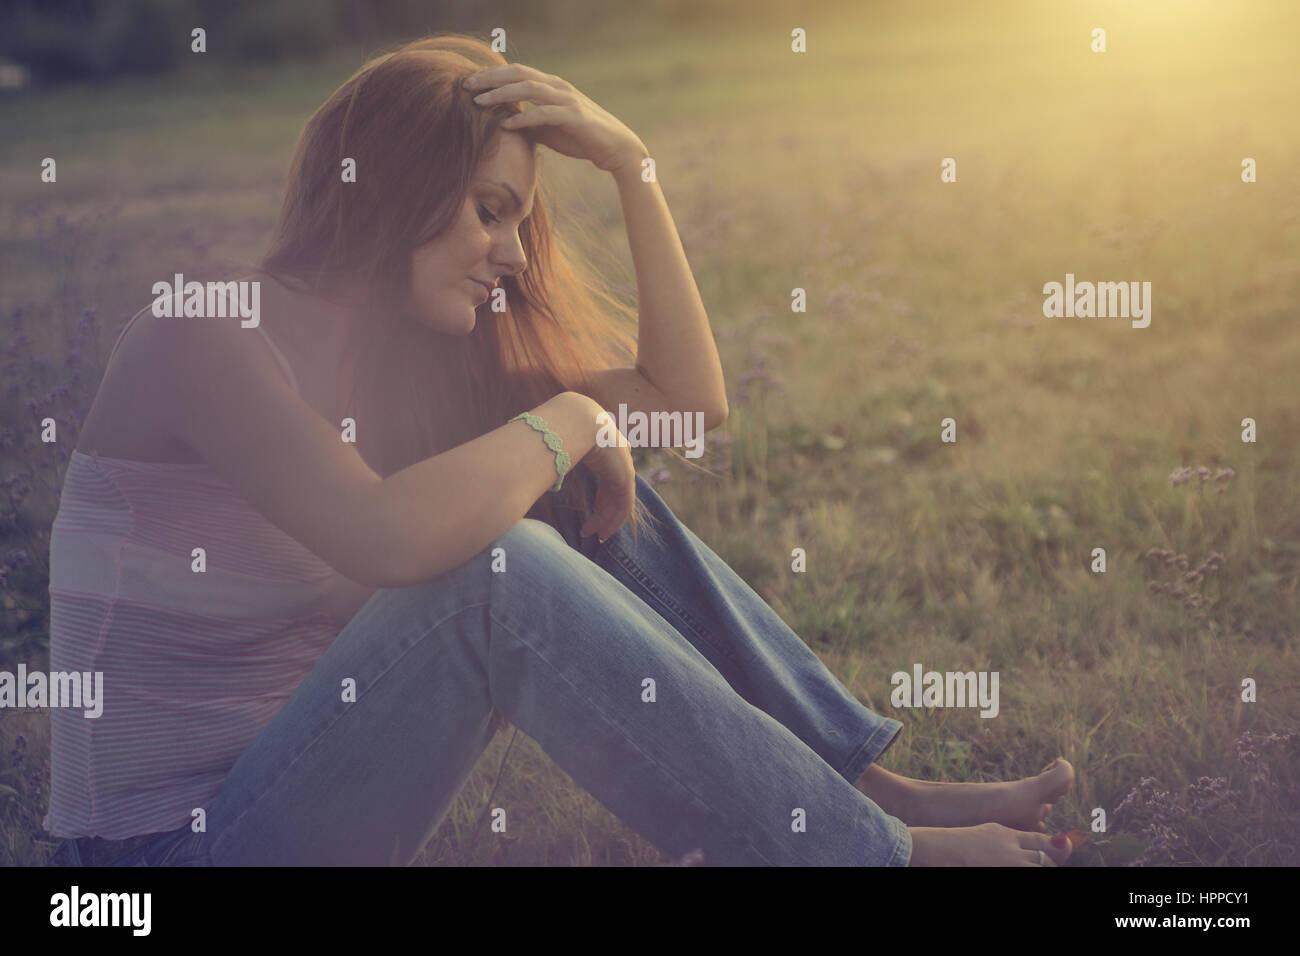 Traurige Frau in der Natur Stockbild